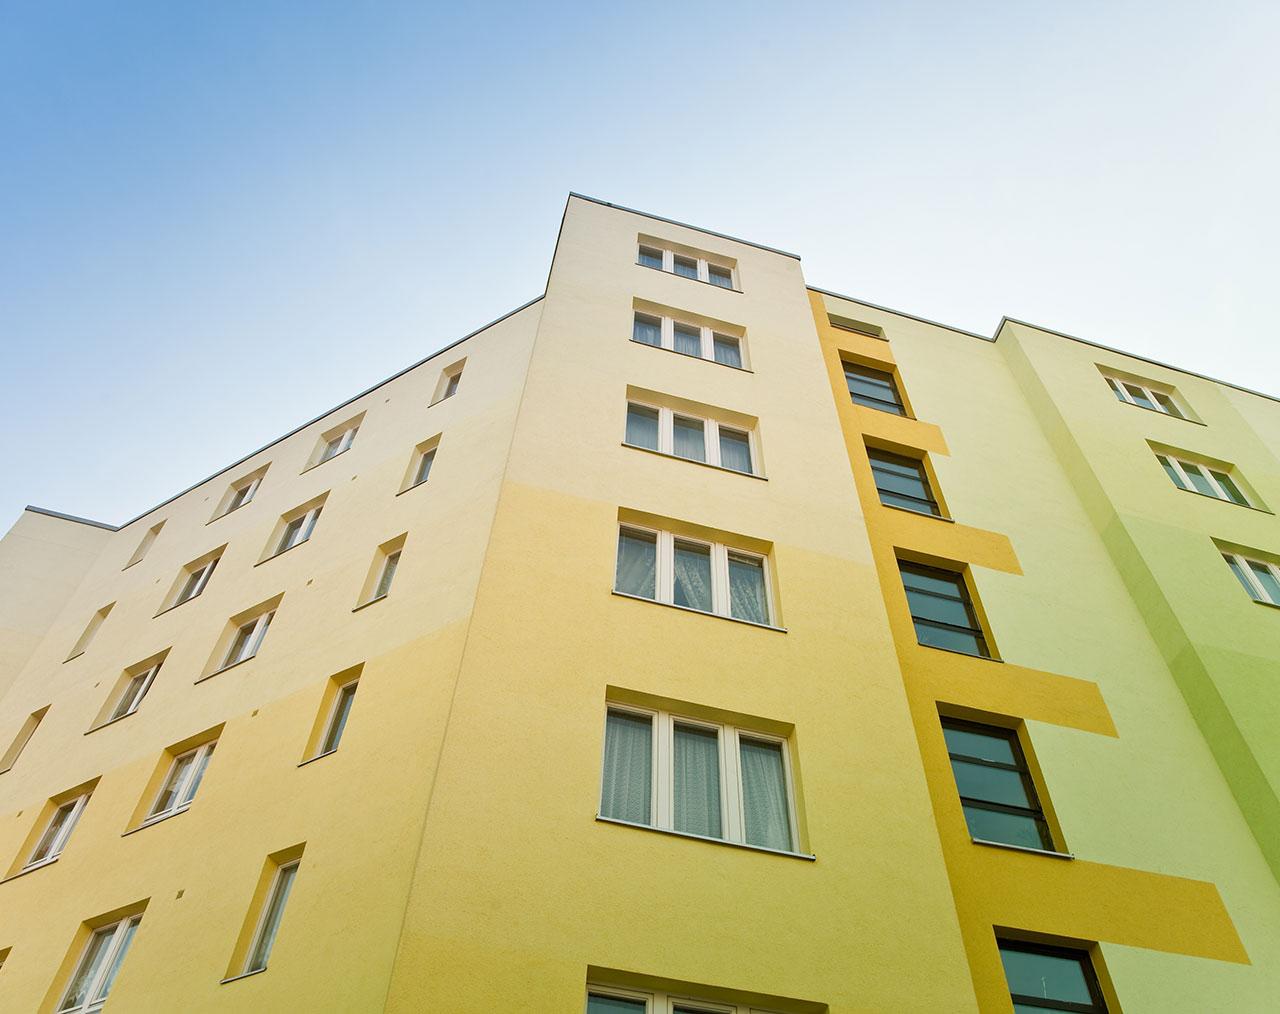 Fassade und Farbe